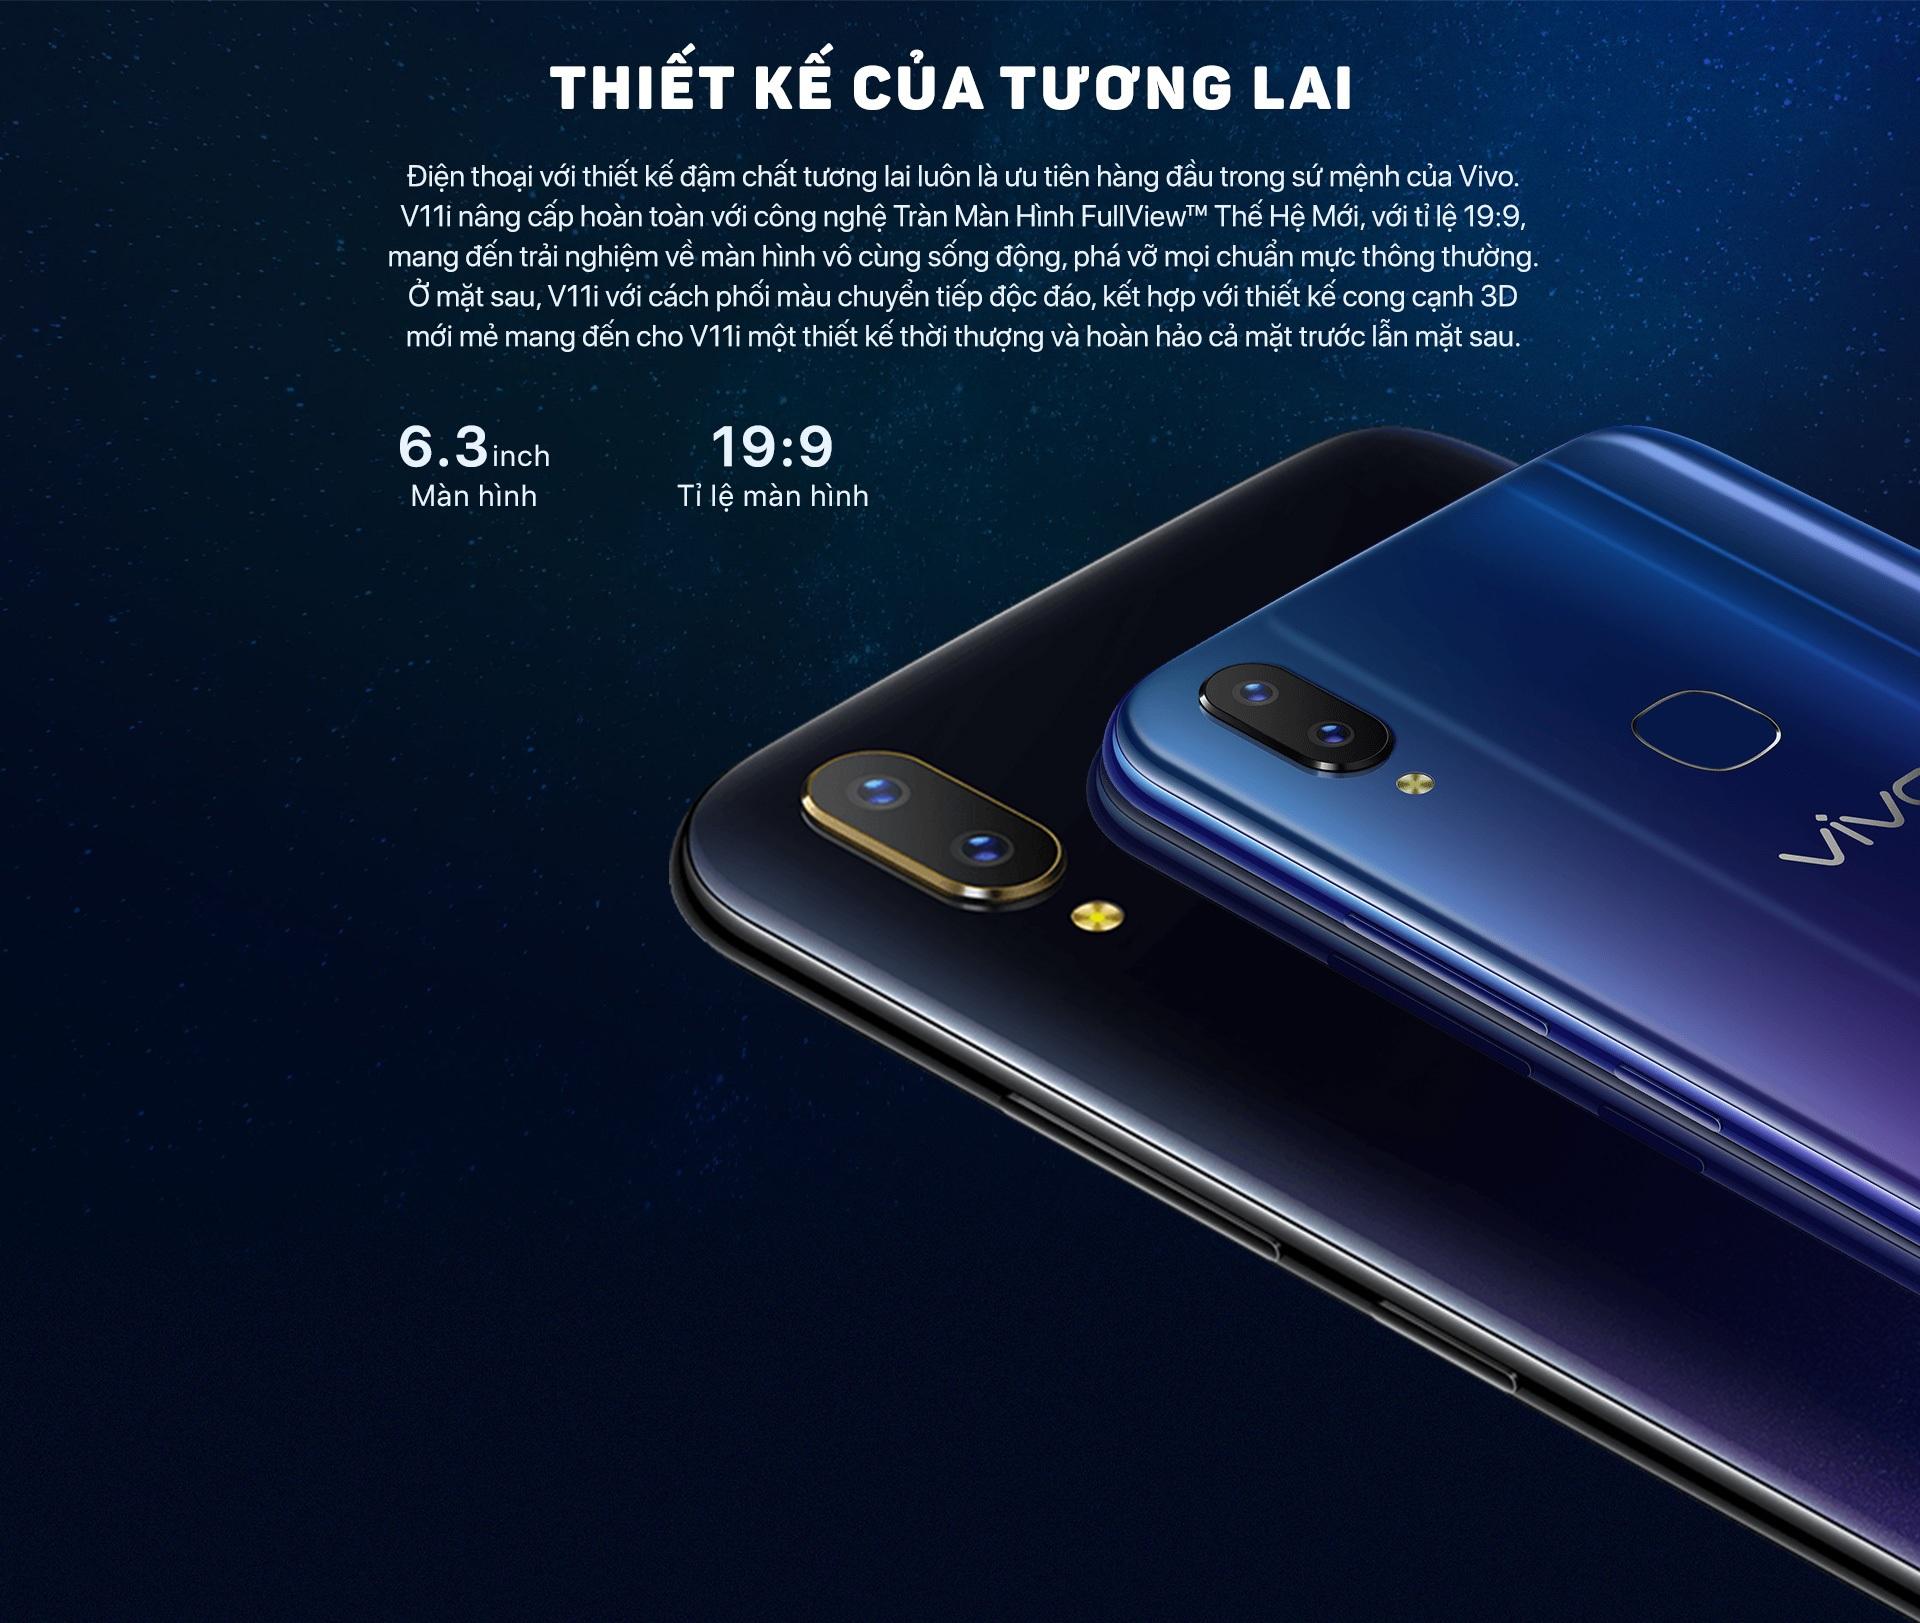 https://www.nguyenkim.com/images/companies/_1/MKT_ECM/0918/Vivo_V11i/mobile1/body-phone-vivo11i_01.jpg